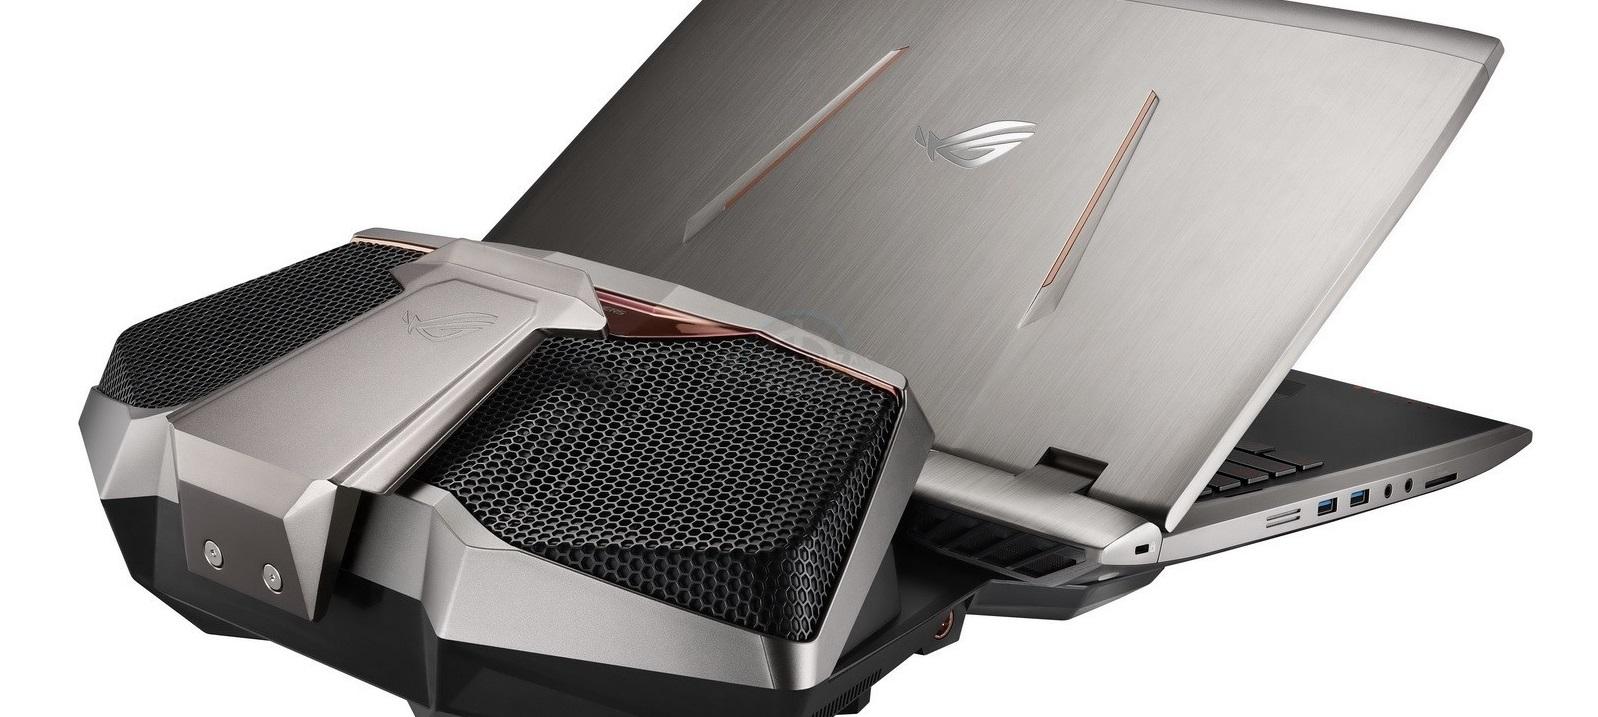 Asus ROG GX700 lanzado por 4.499 euros, incluye maleta de viaje